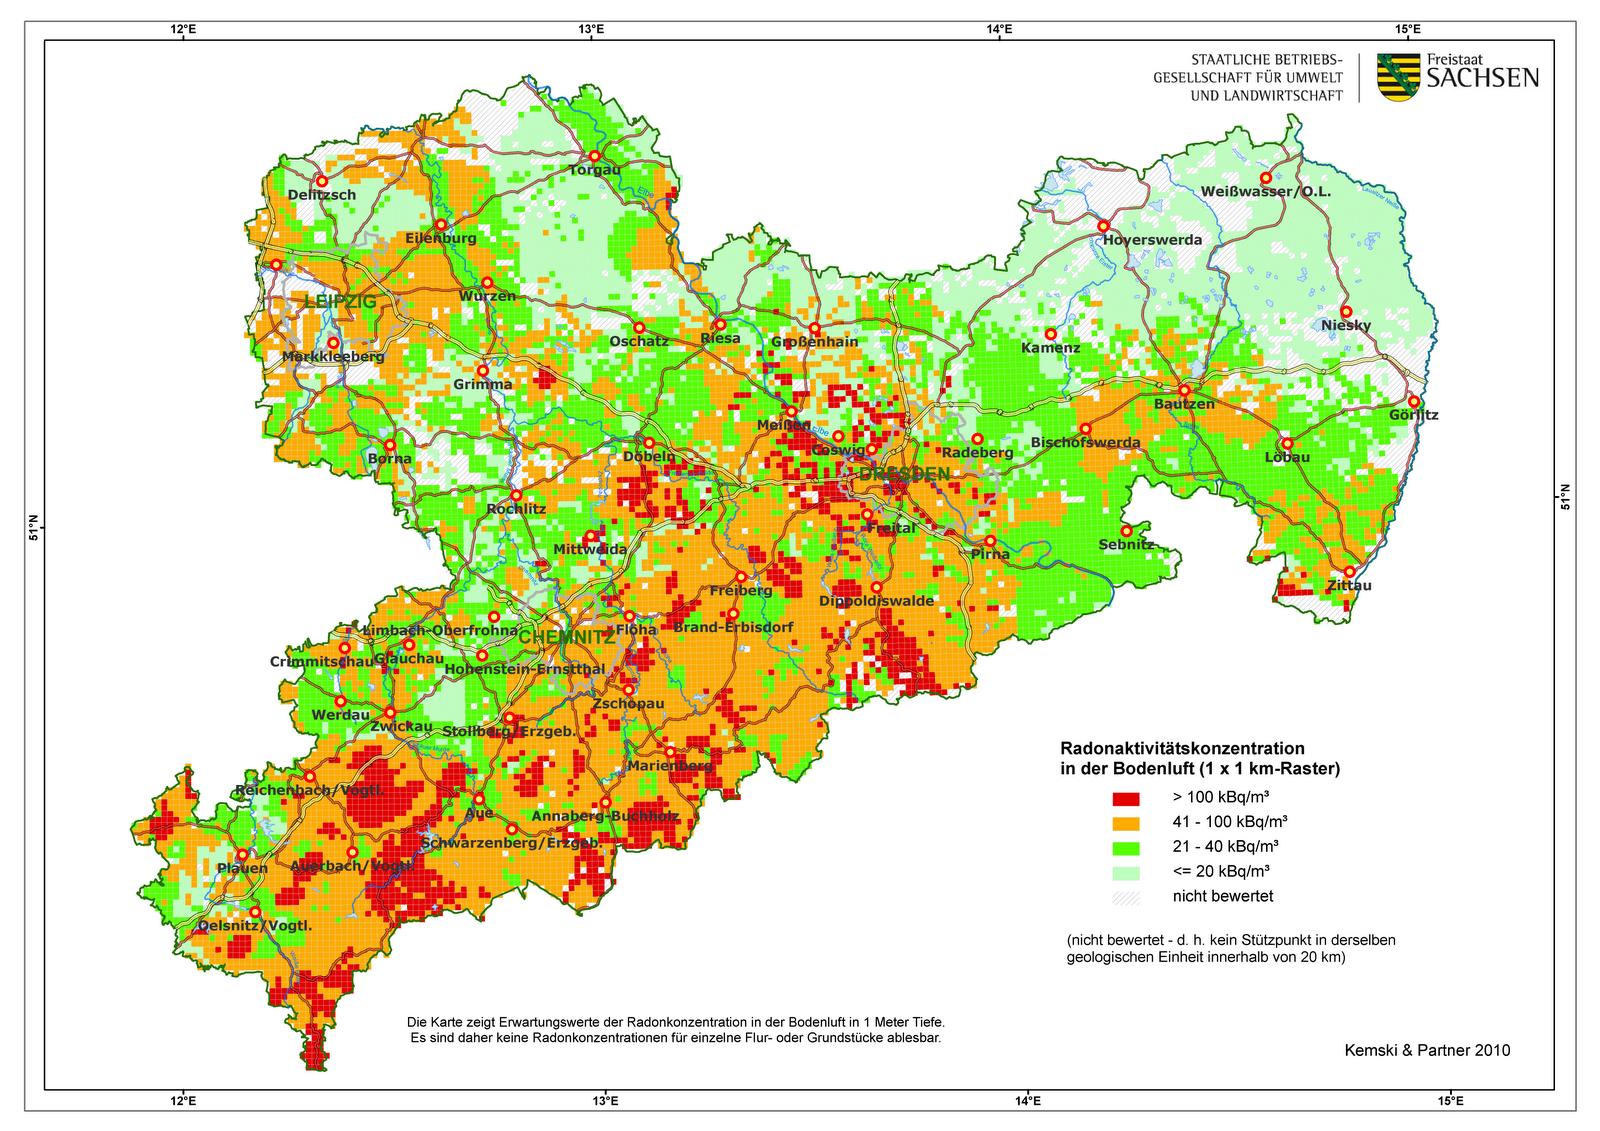 Wolke Tschernobyl Karte.Deutschlandkarten Der Radioaktivität Seit Tschernobyl Landkartenblog